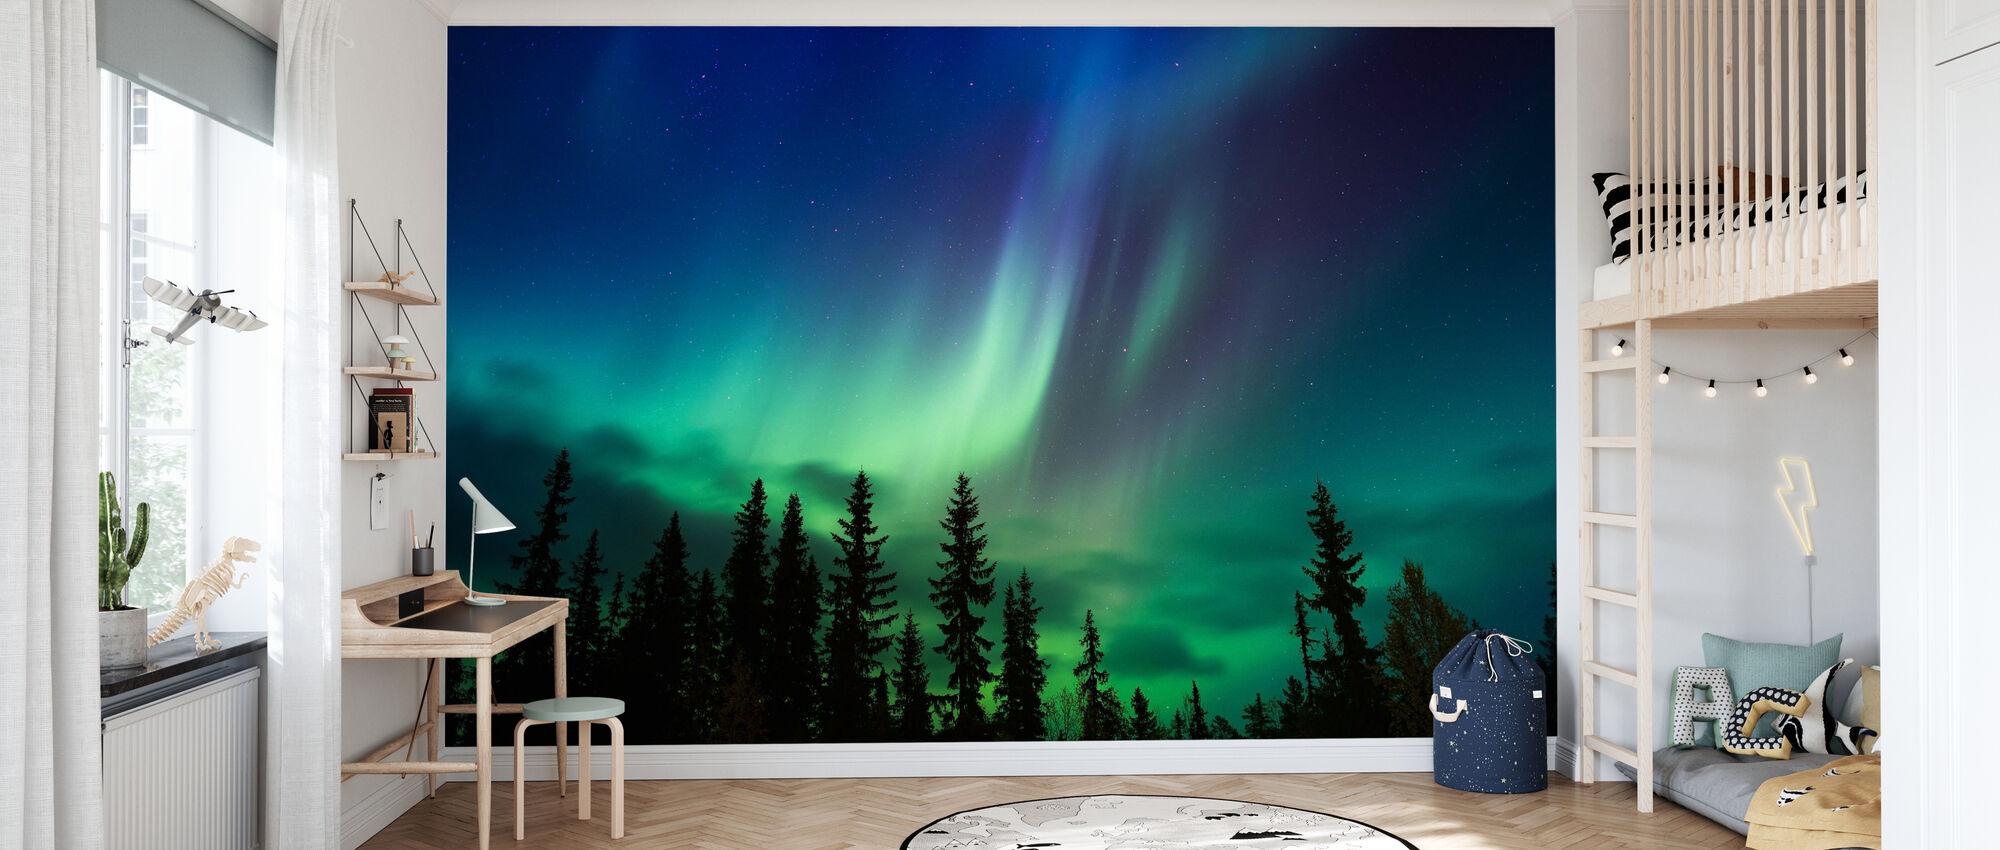 Enlightenment of Night - Wallpaper - Kids Room